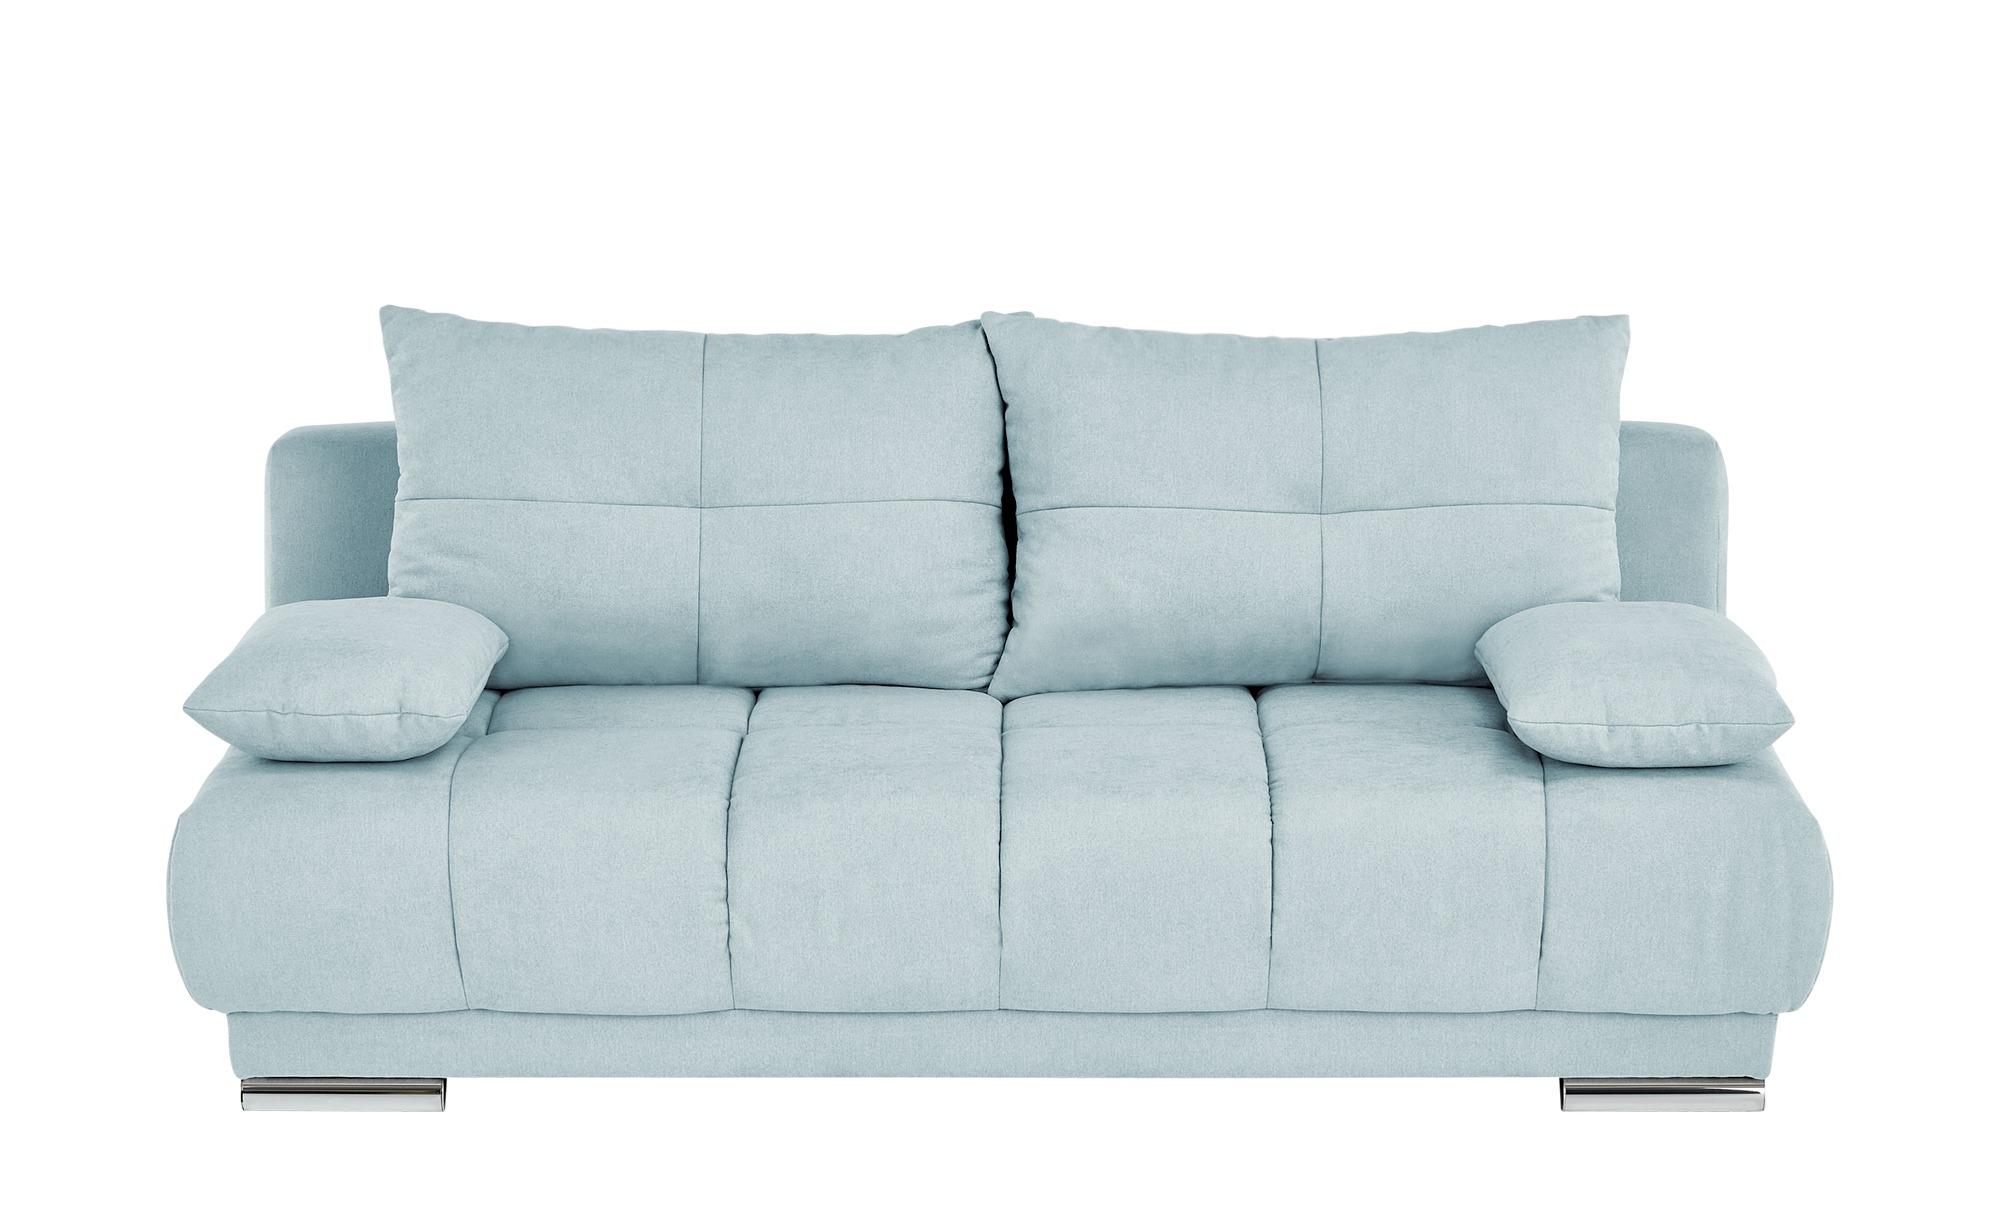 bobb Schlafsofa  Isalie de Luxe ¦ blau ¦ Maße (cm): B: 206 H: 92 T: 105 Polstermöbel > Sofas > Einzelsofas - Höffner